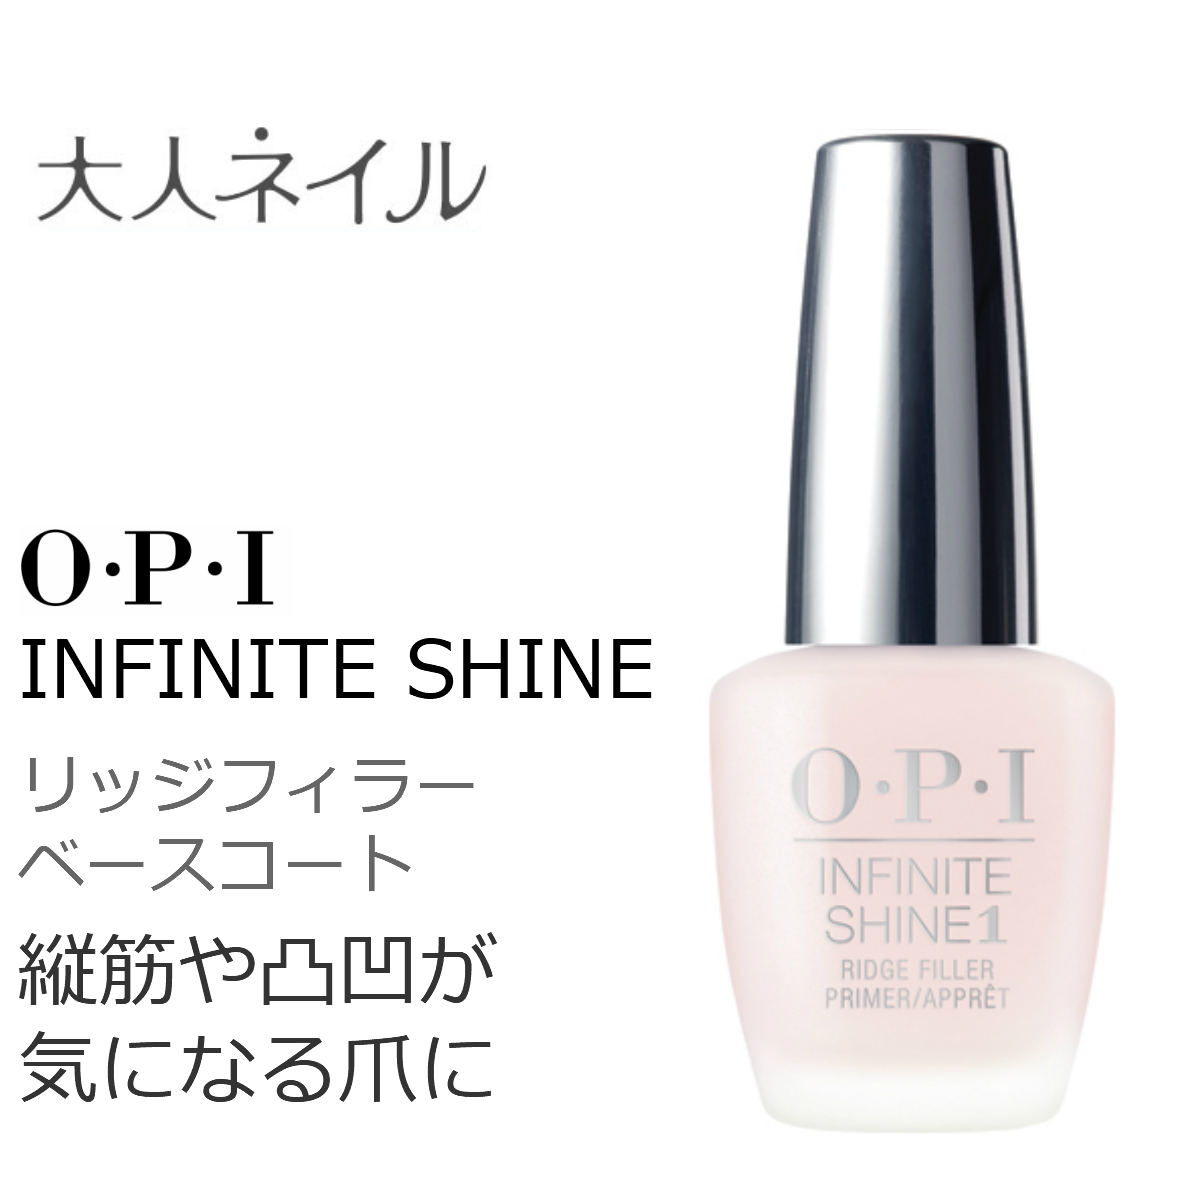 【35%OFF】OPI INFINITE SHINE(インフィニット シャイン) IS-T12 リッジフィラー ベースコート